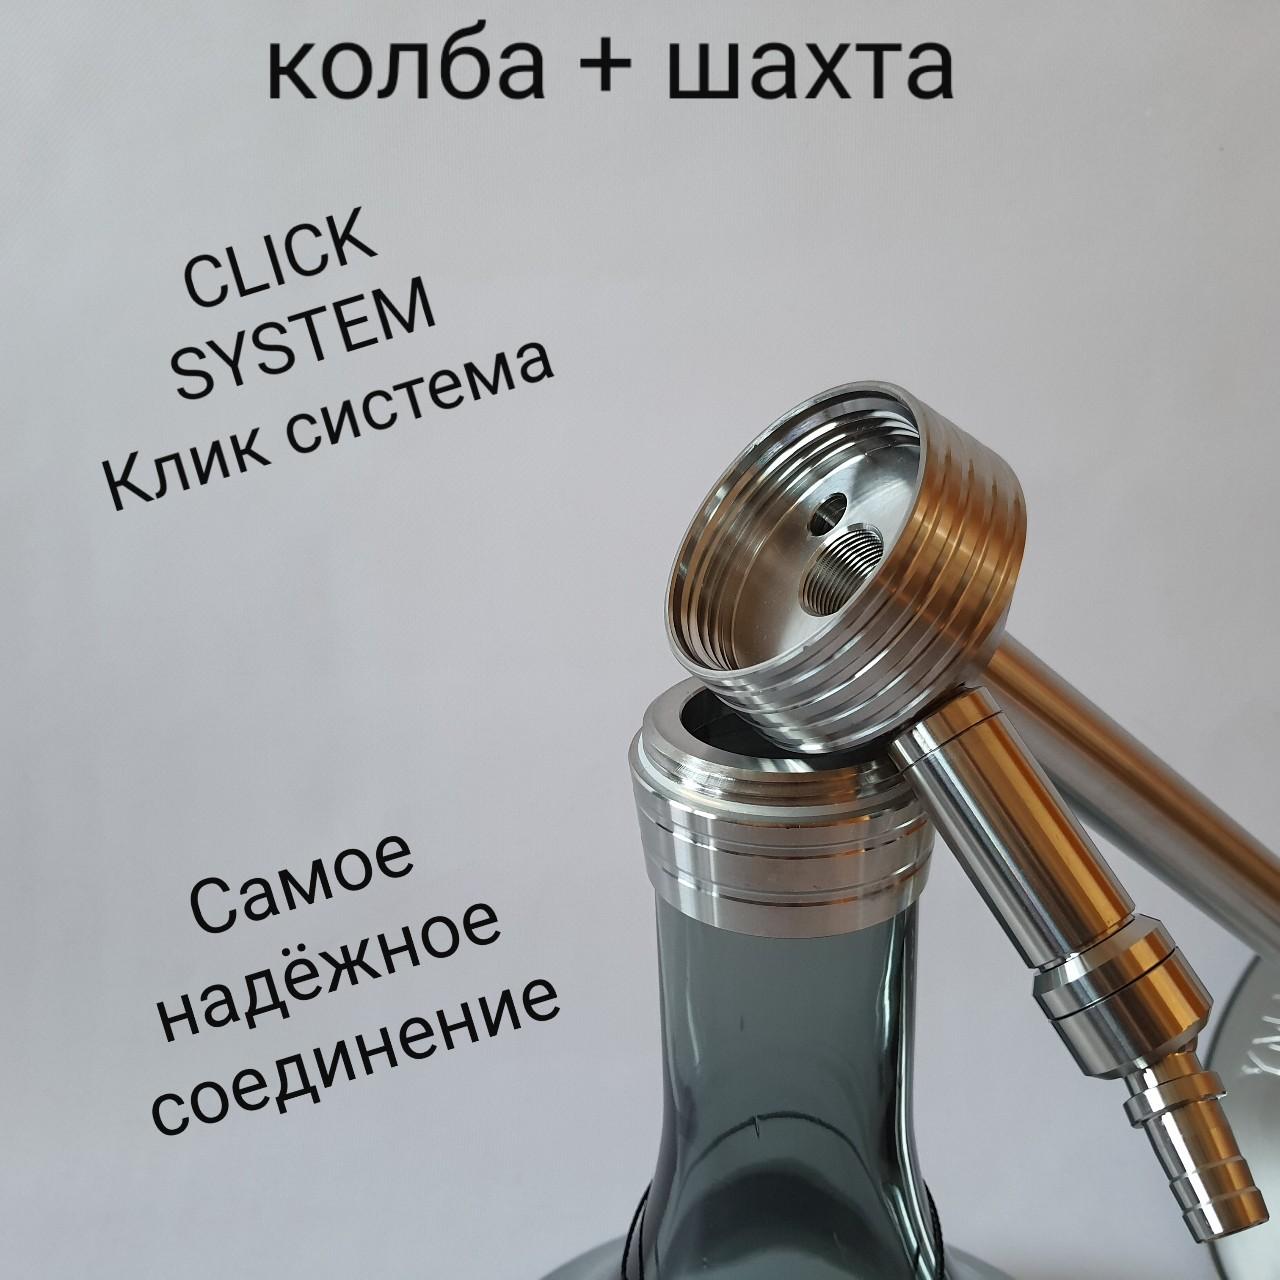 Click SYSTEM клик система соединяет шахту с колбой 09